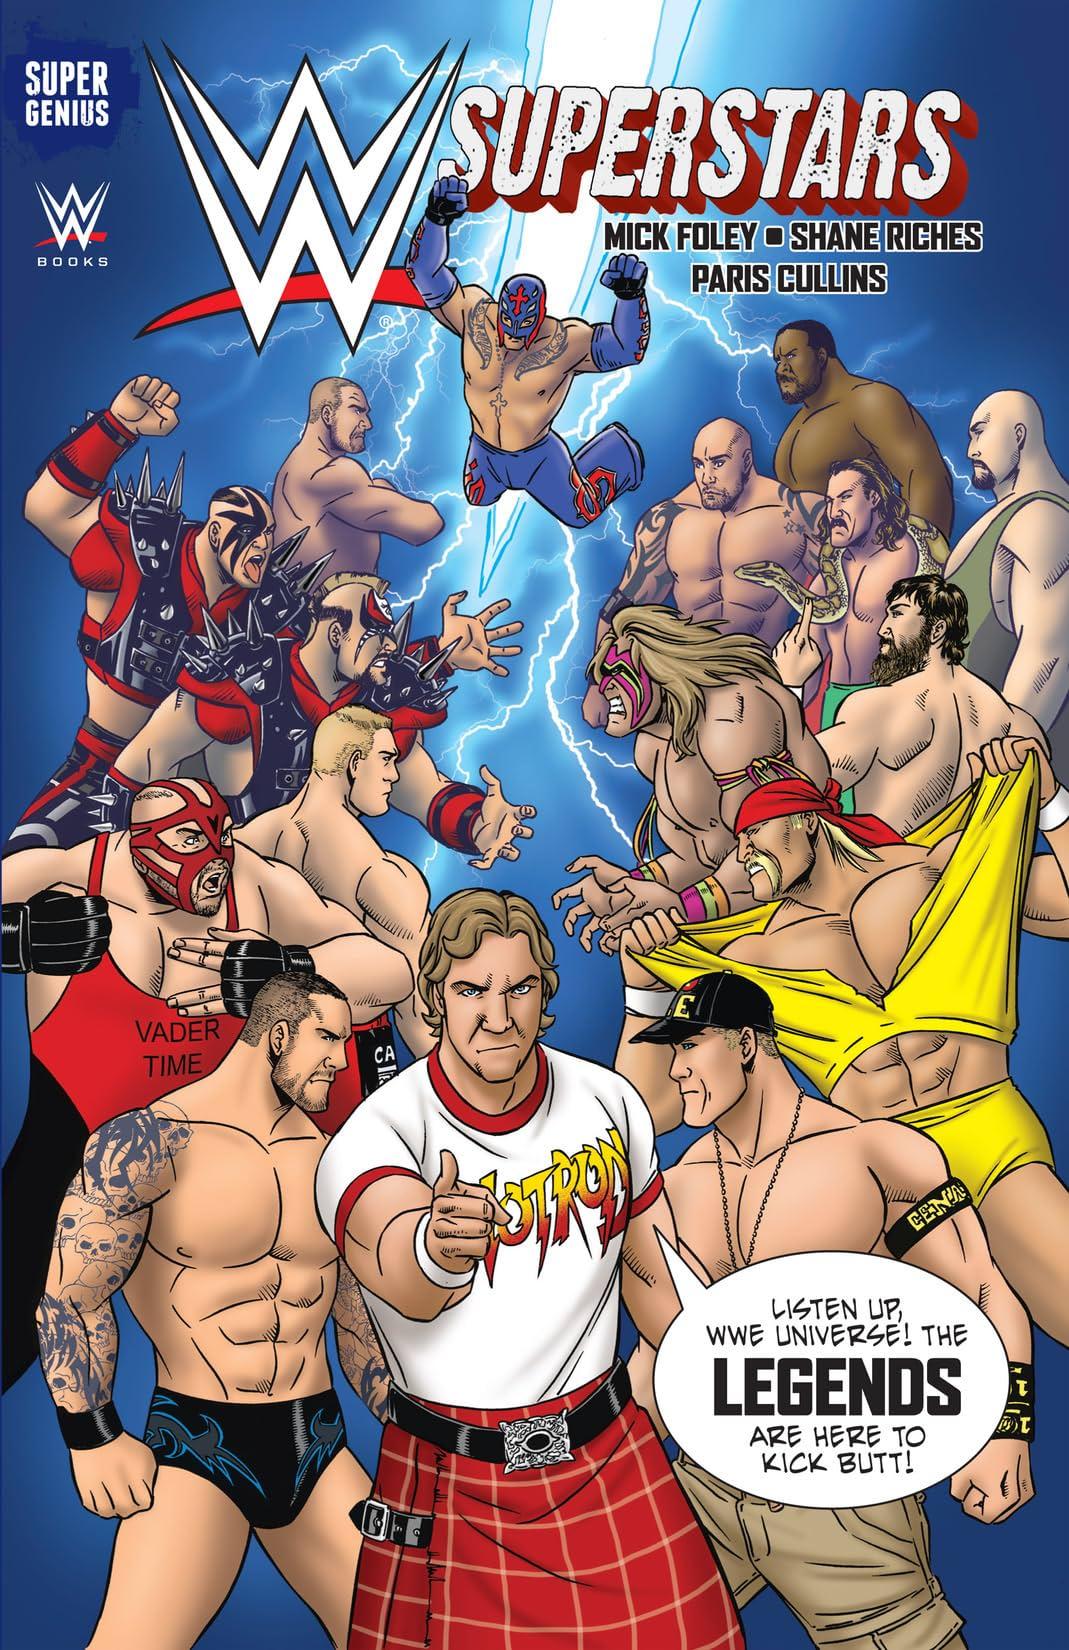 WWE Superstars Vol. 3: Legends